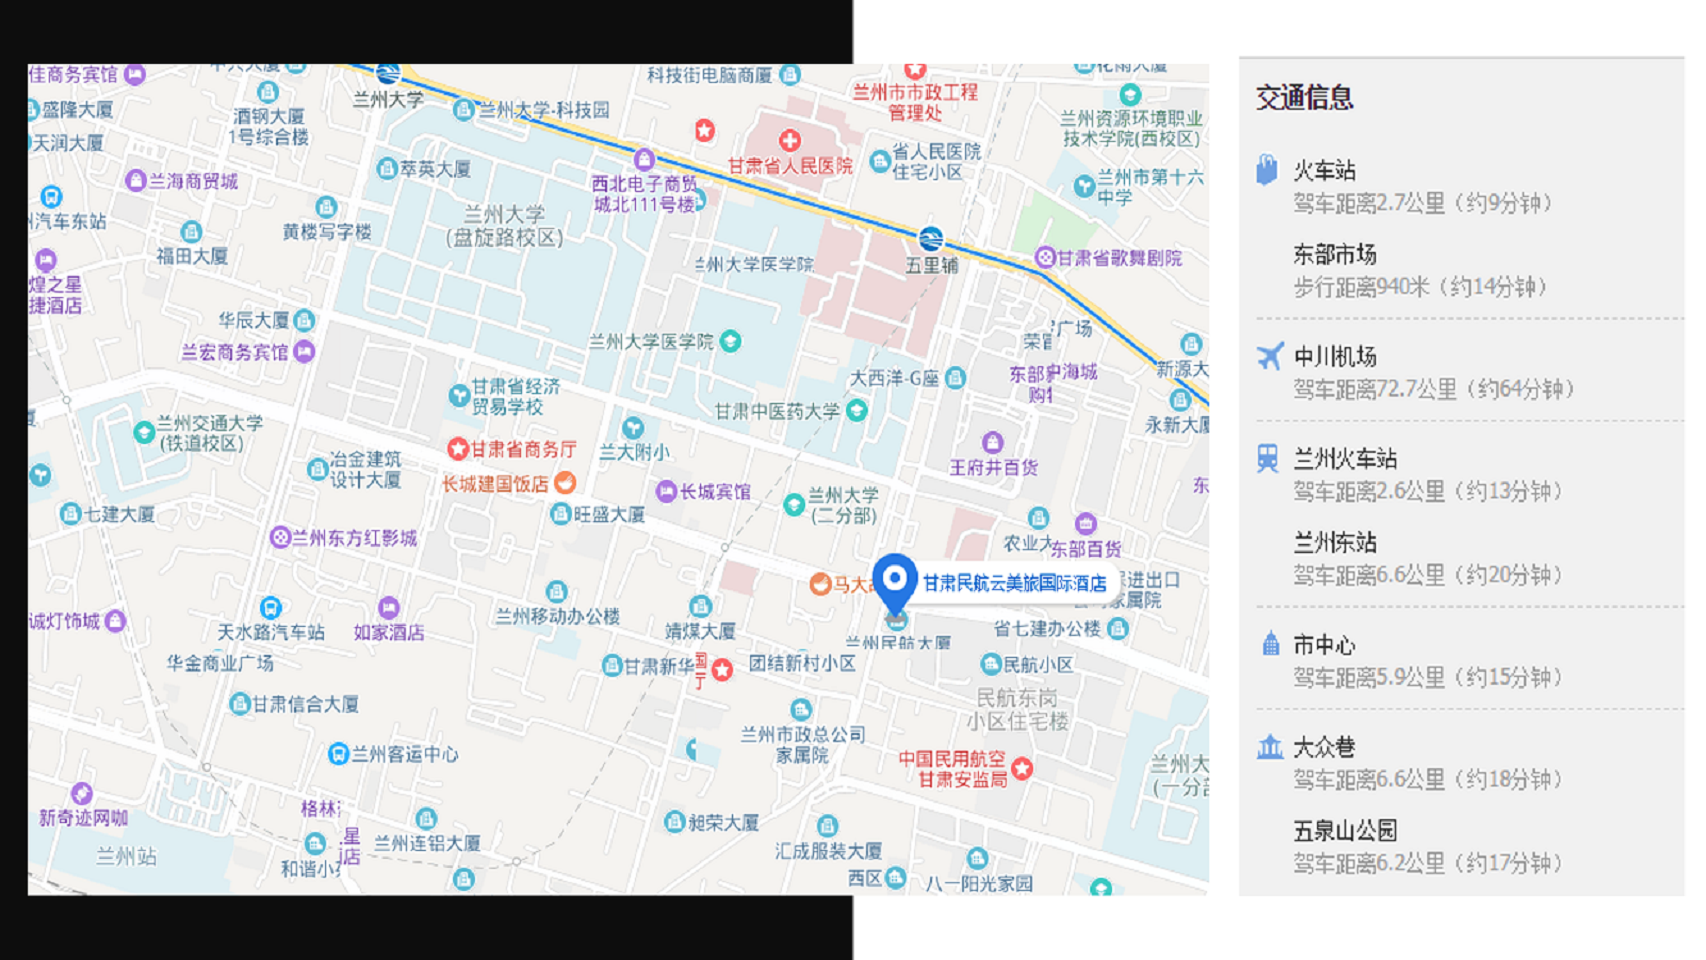 云美旅国际酒店_02.png